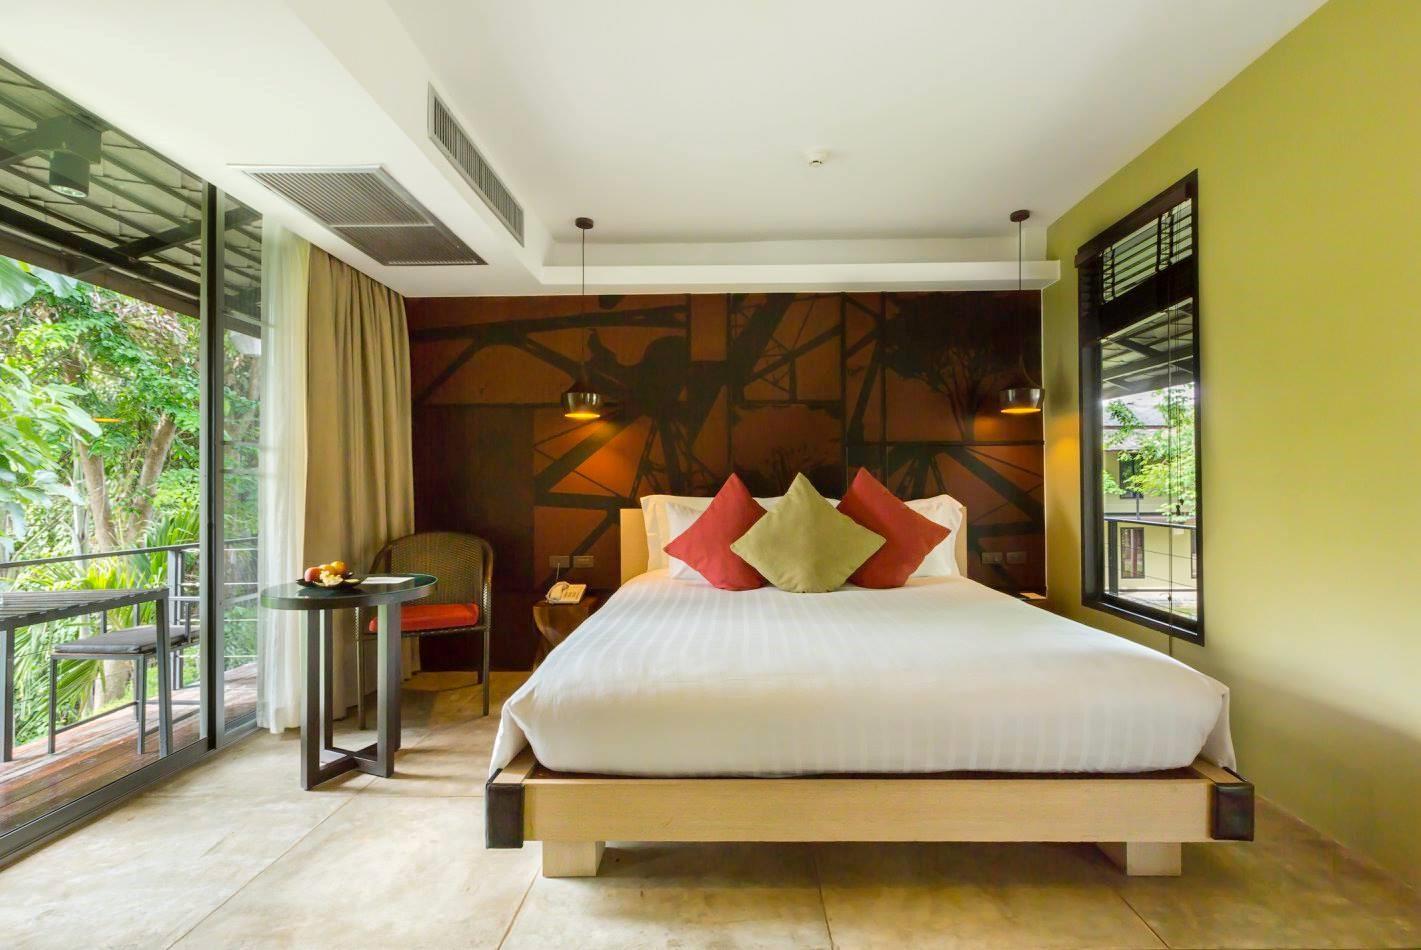 พักผ่อนท่ามกลางธรรมชาติ กับห้องพักราคาพิเศษ ที่โรงแรม ยู อินจันทรี กาญจนบุรี 13 -